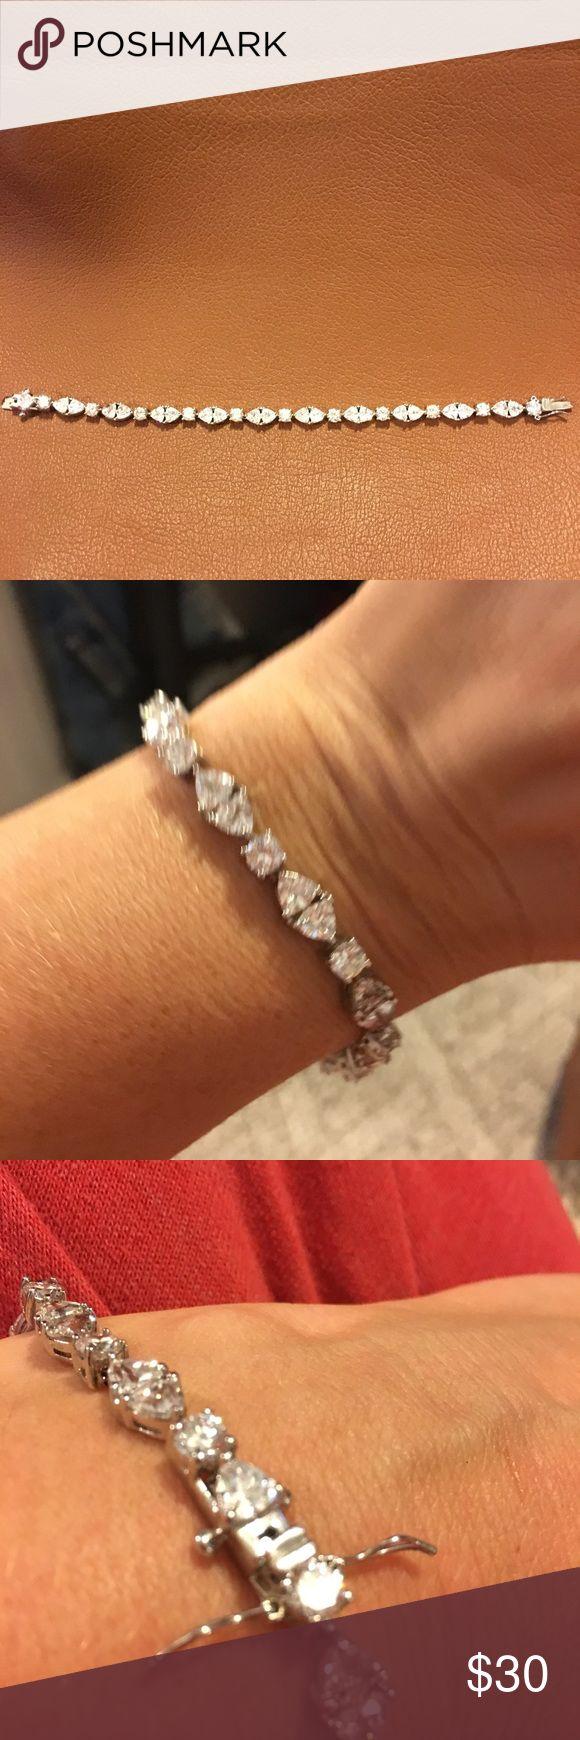 Park Lane Tennis Bracelet Cubic Zirconia bracelet from Park Lane Park Lane Jewelry Bracelets